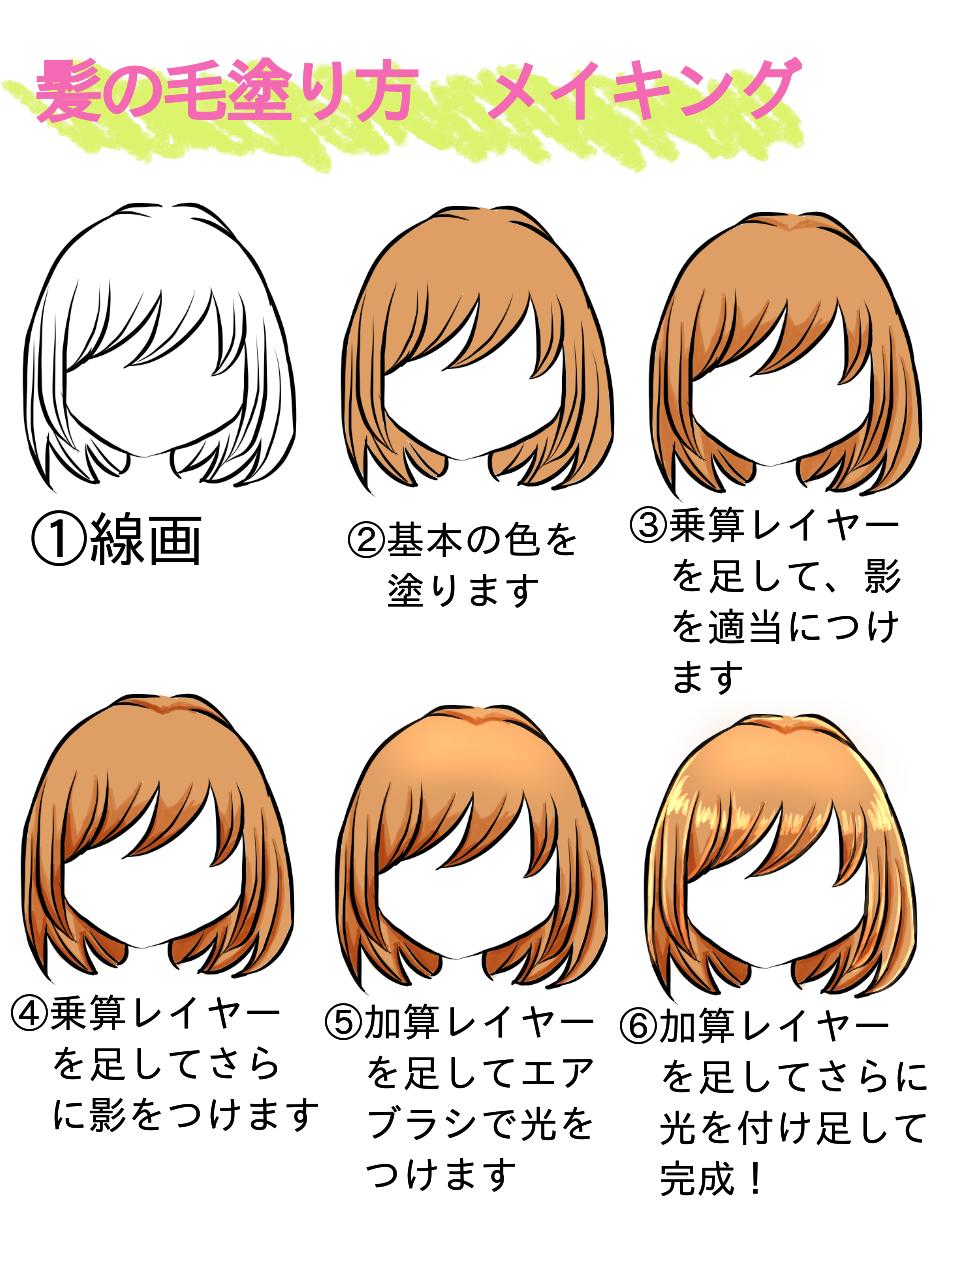 髪の毛 方 デジタル 塗り